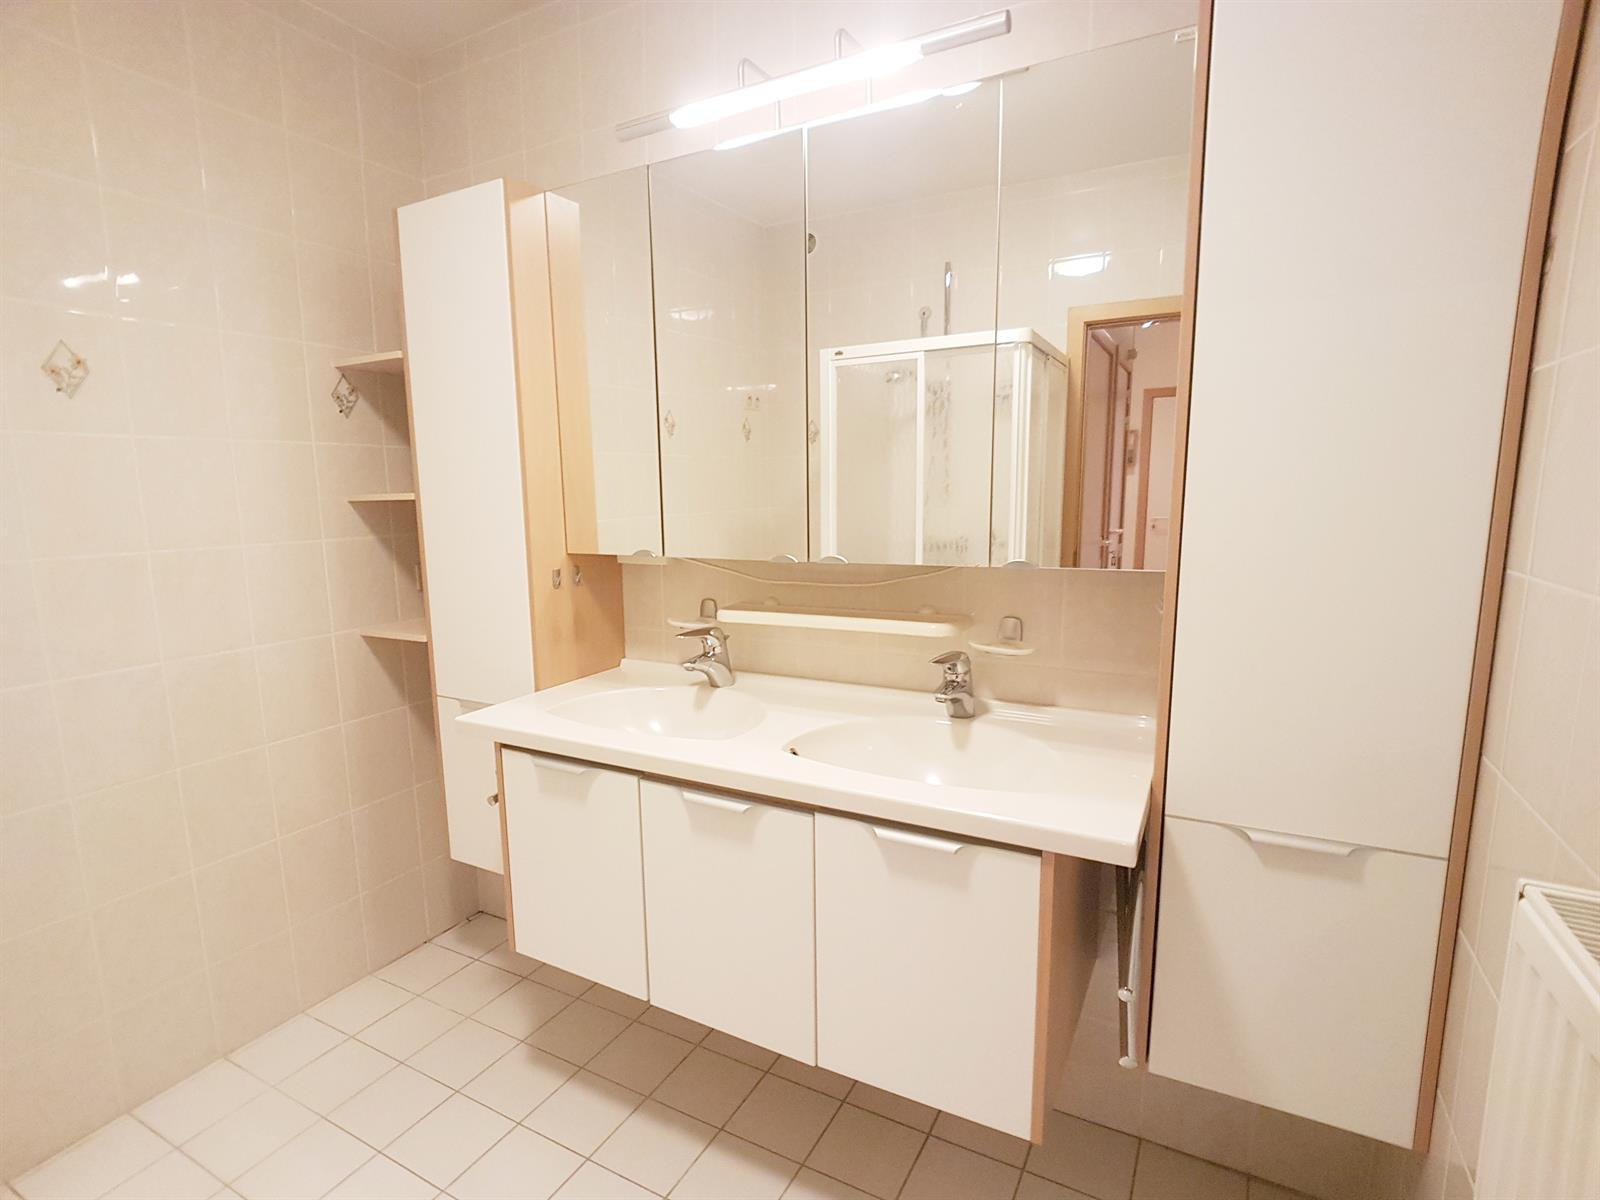 Appartement - Ottignies-Louvain-la-Neuve - #4254648-11